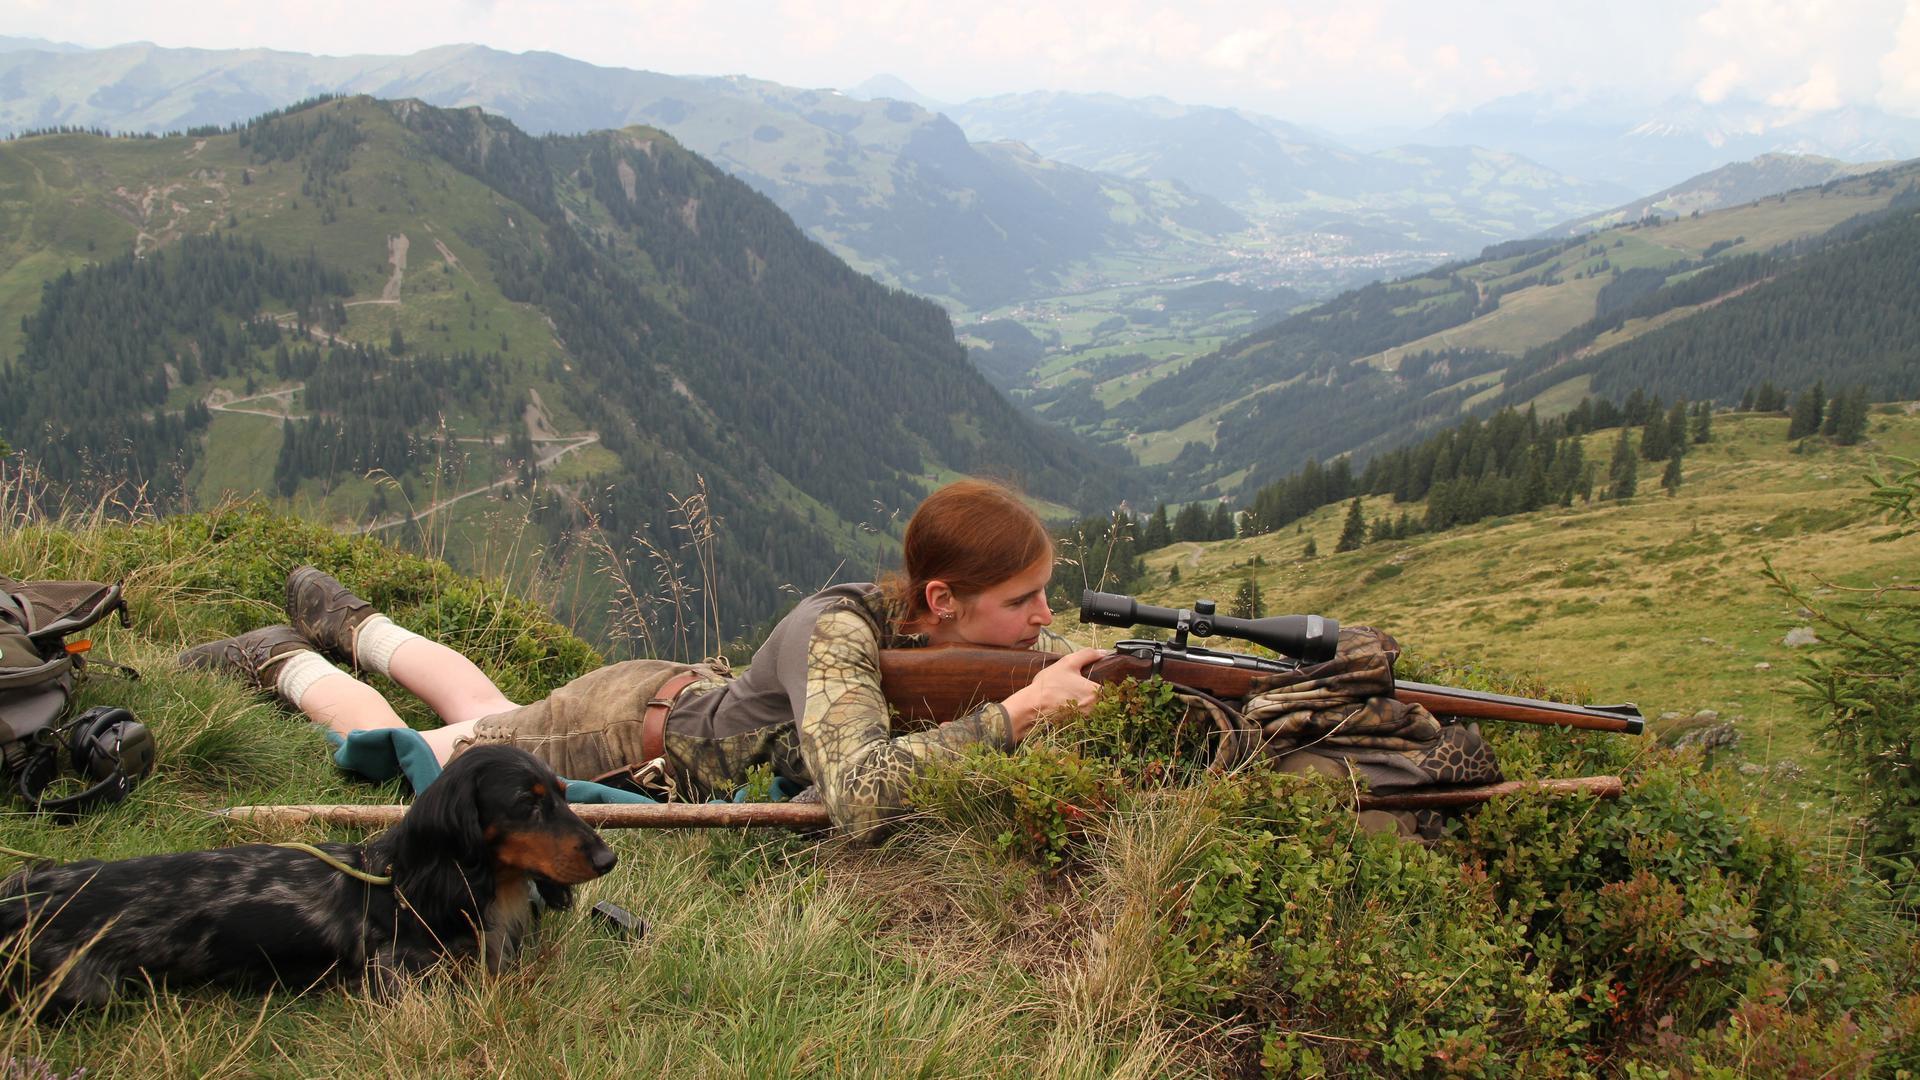 Frau liegt mit Gewehr im Anschlag auf einem Stein, daneben ein Hund. Im Hintergrund Alpenpanorama.